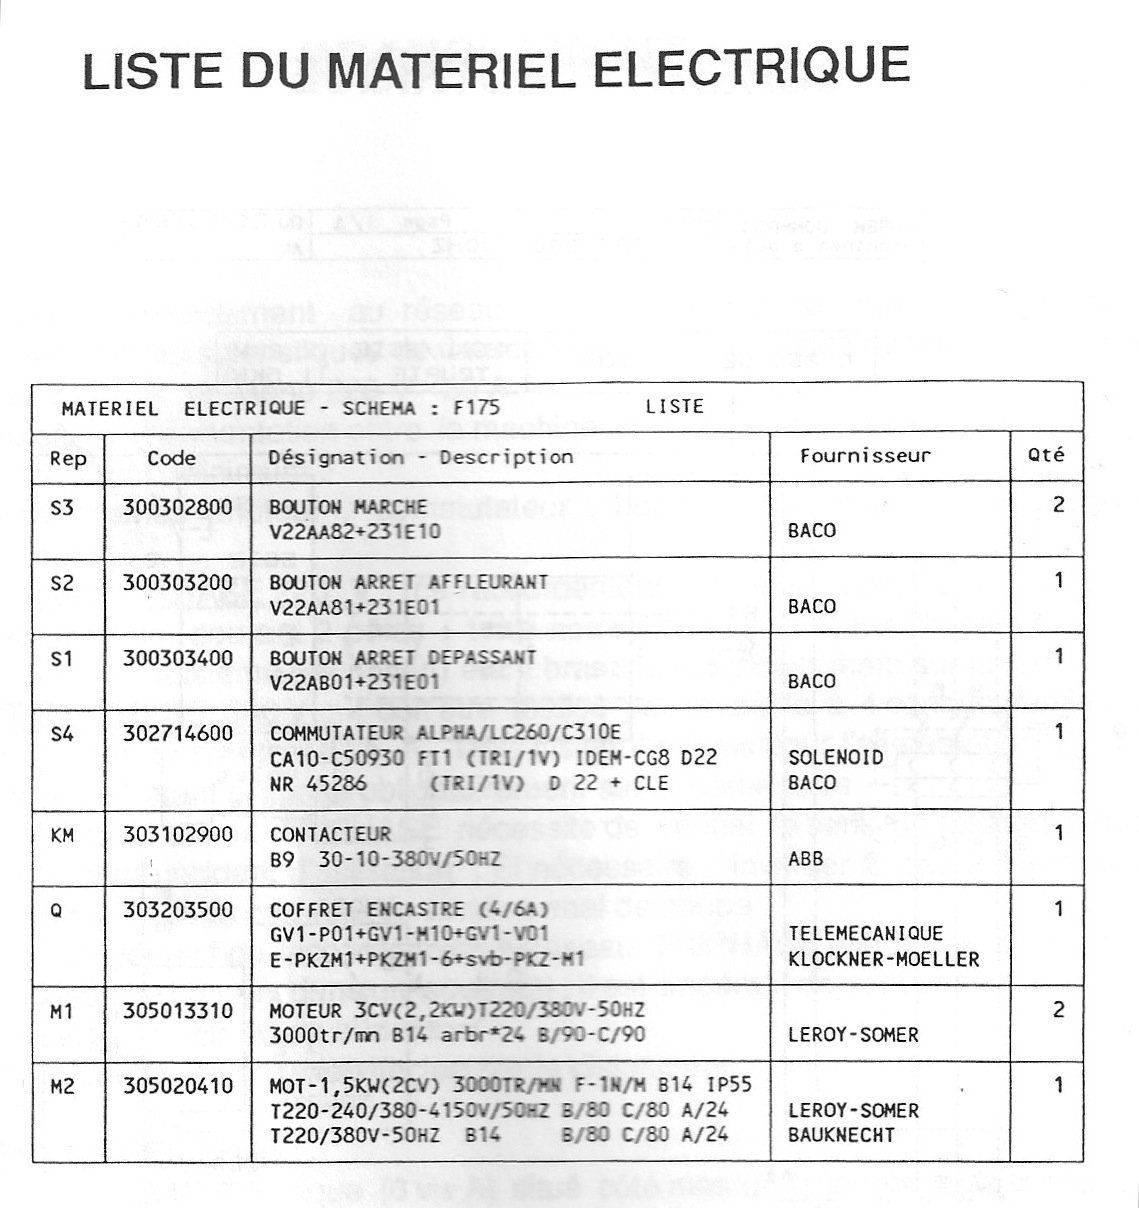 Materiel_elec_LUREM_C260 S2.jpeg